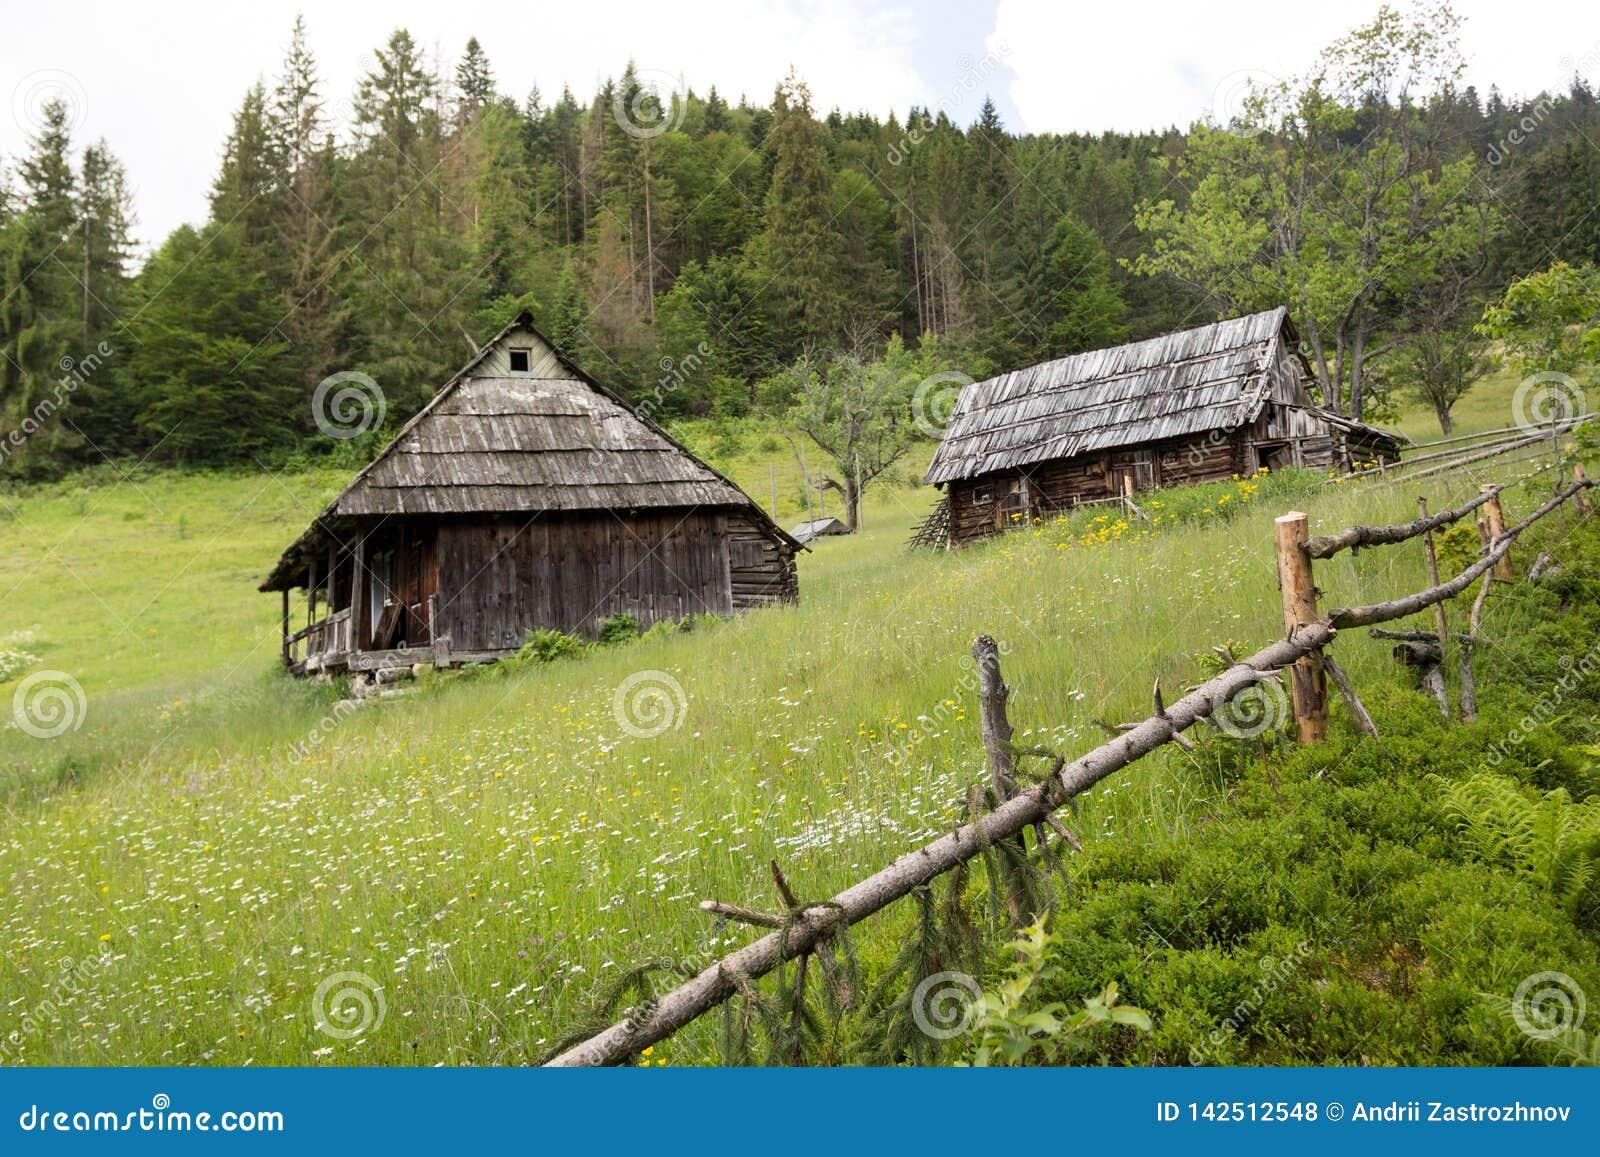 Oud die blokhuis twee op een helling, door een omheining wordt omringd Bos en bergen op de achtergrond Het conceptuele beeld van